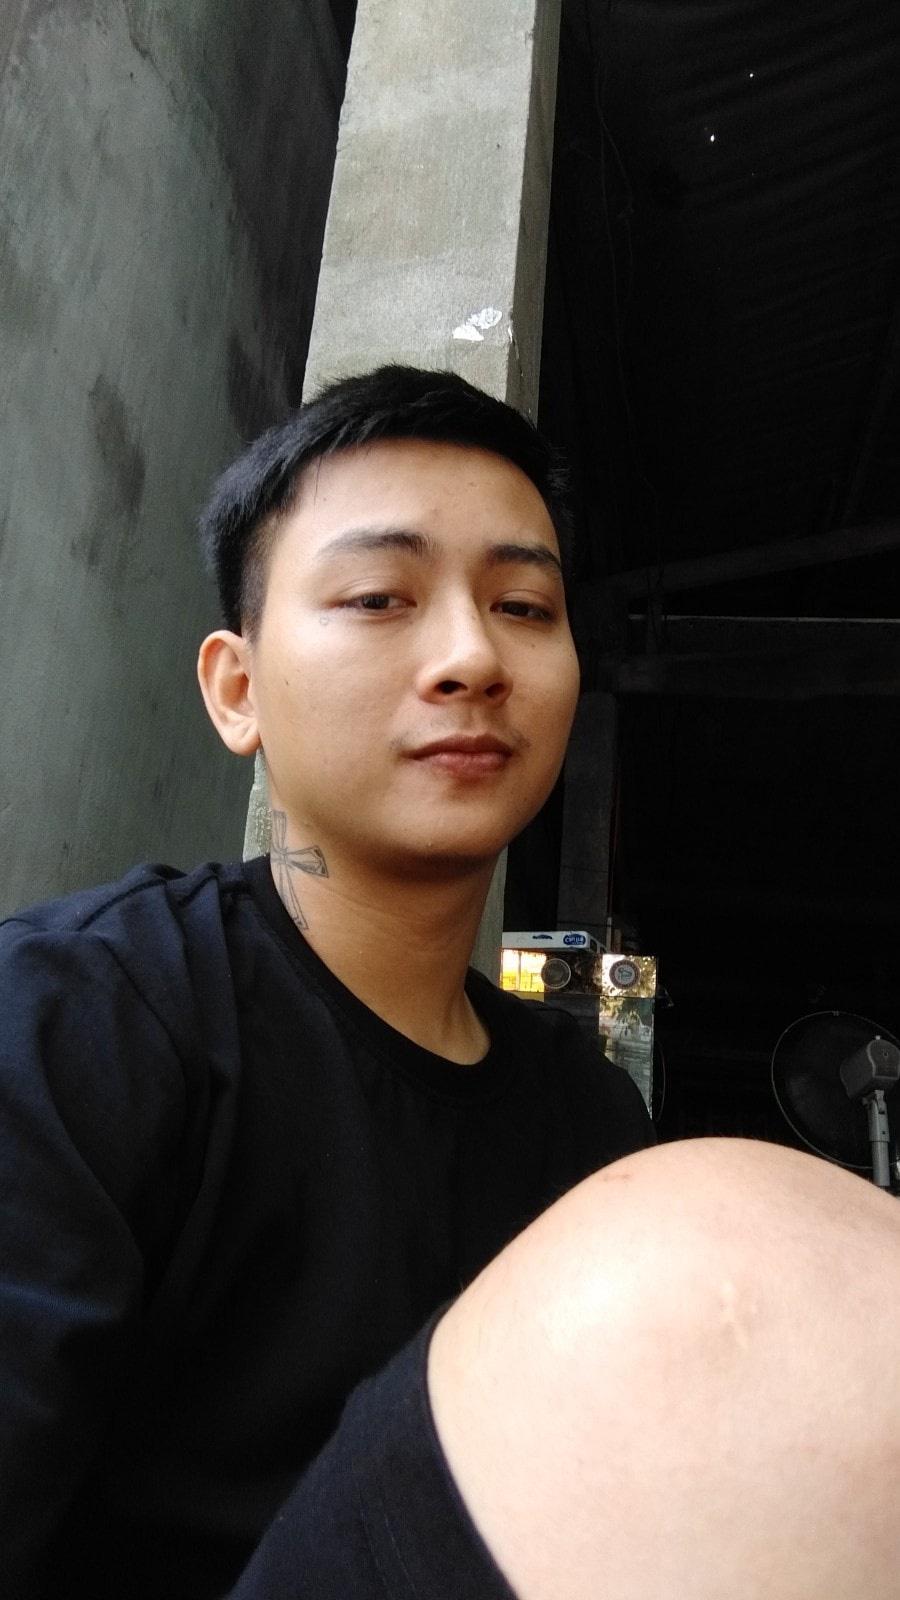 Lời nhắn của Hoài Lâm gây chú ý giữa lúc Đạt G bị tung clip gây xôn xao mạng xã hội - 3